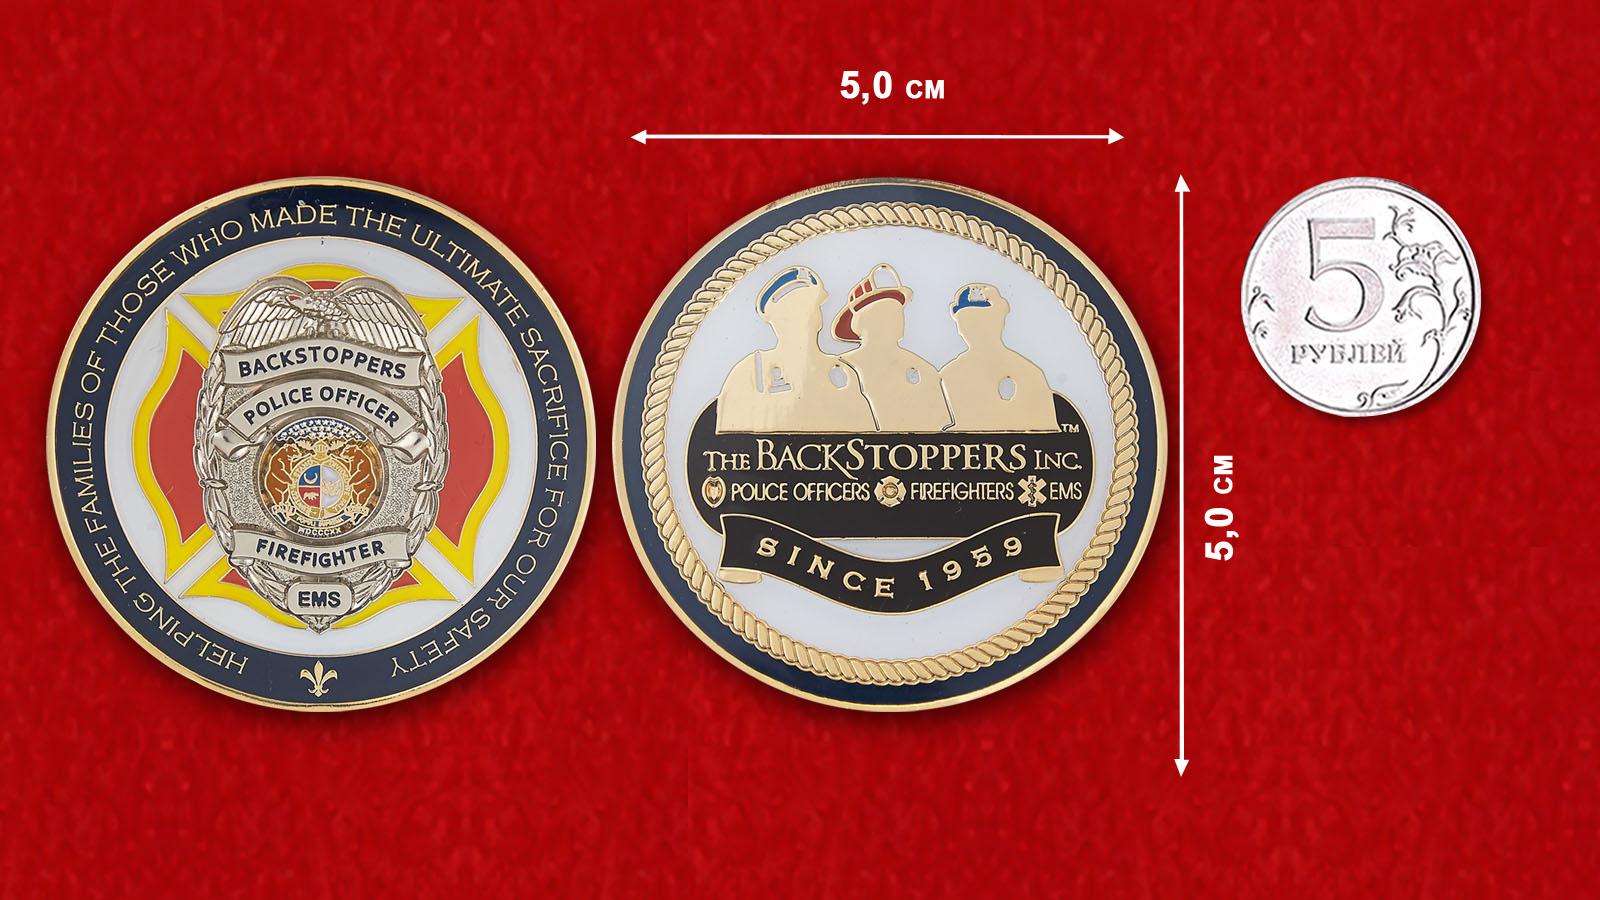 Челлендж коин Организации по оказанию финансовой помощи семьям погибших полицейских, пожарных, и добровольных спасателей- сравнительный размер